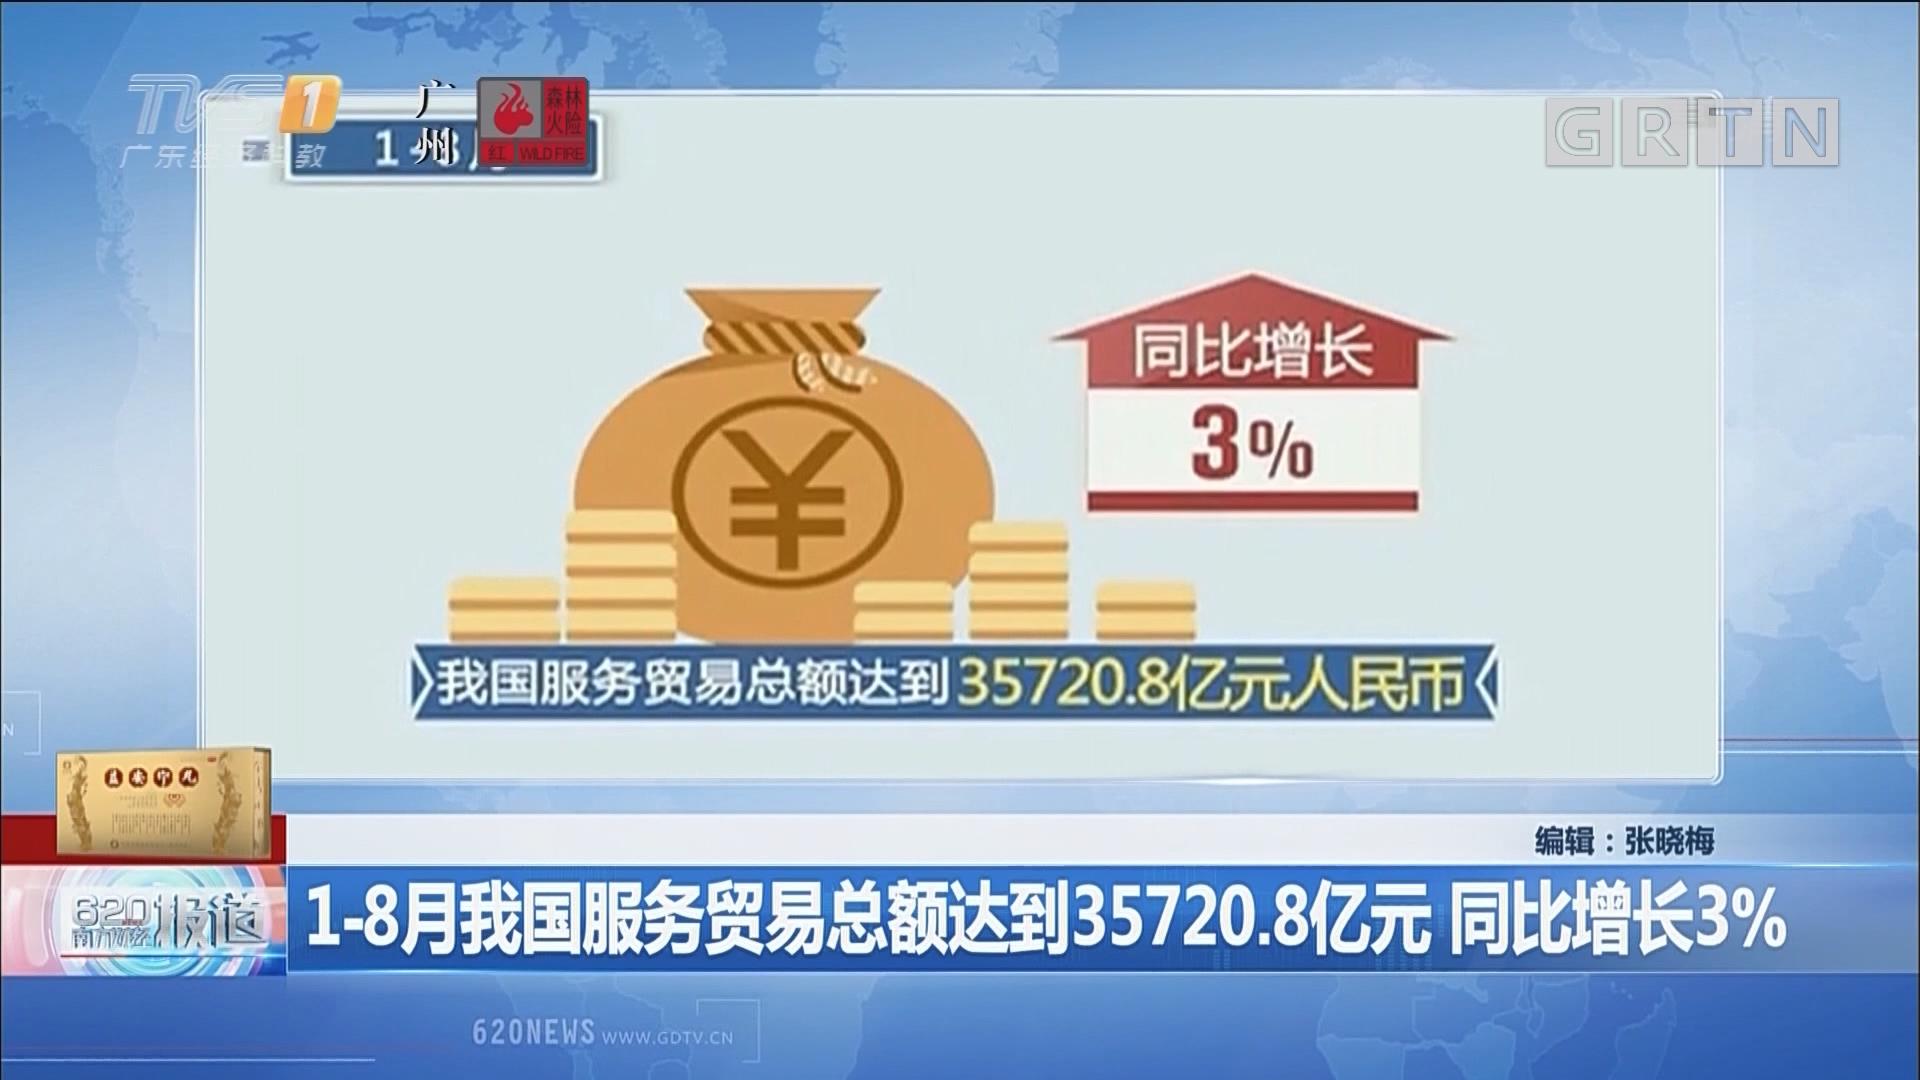 1-8月我国服务贸易总额达到35720.8亿元 同比增长3%